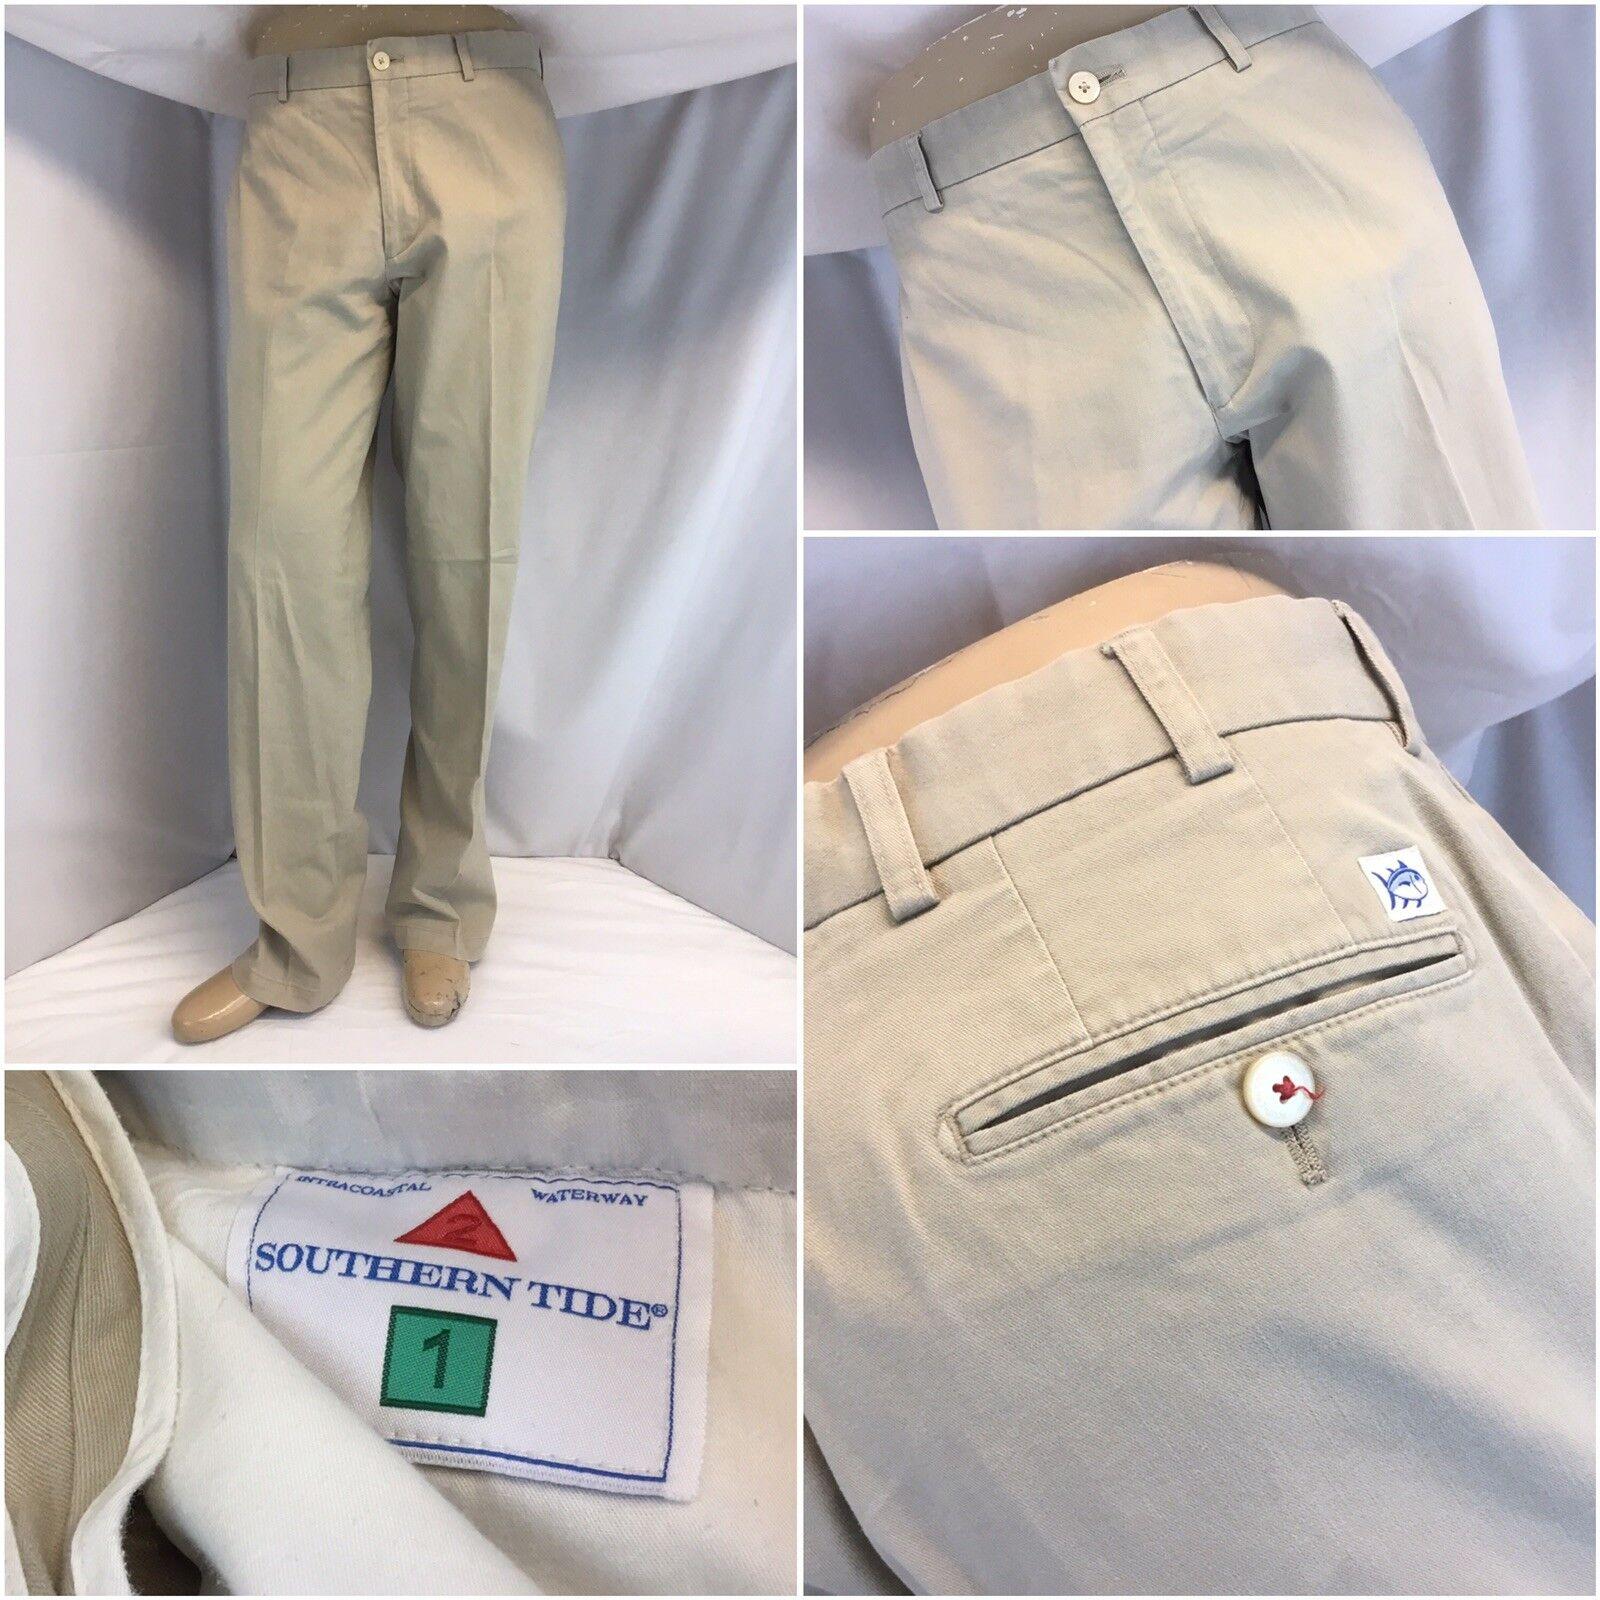 Southern Tide Pants 33x29 Tan Cotton Lycra Flat Front Worn Once YGI J8-299